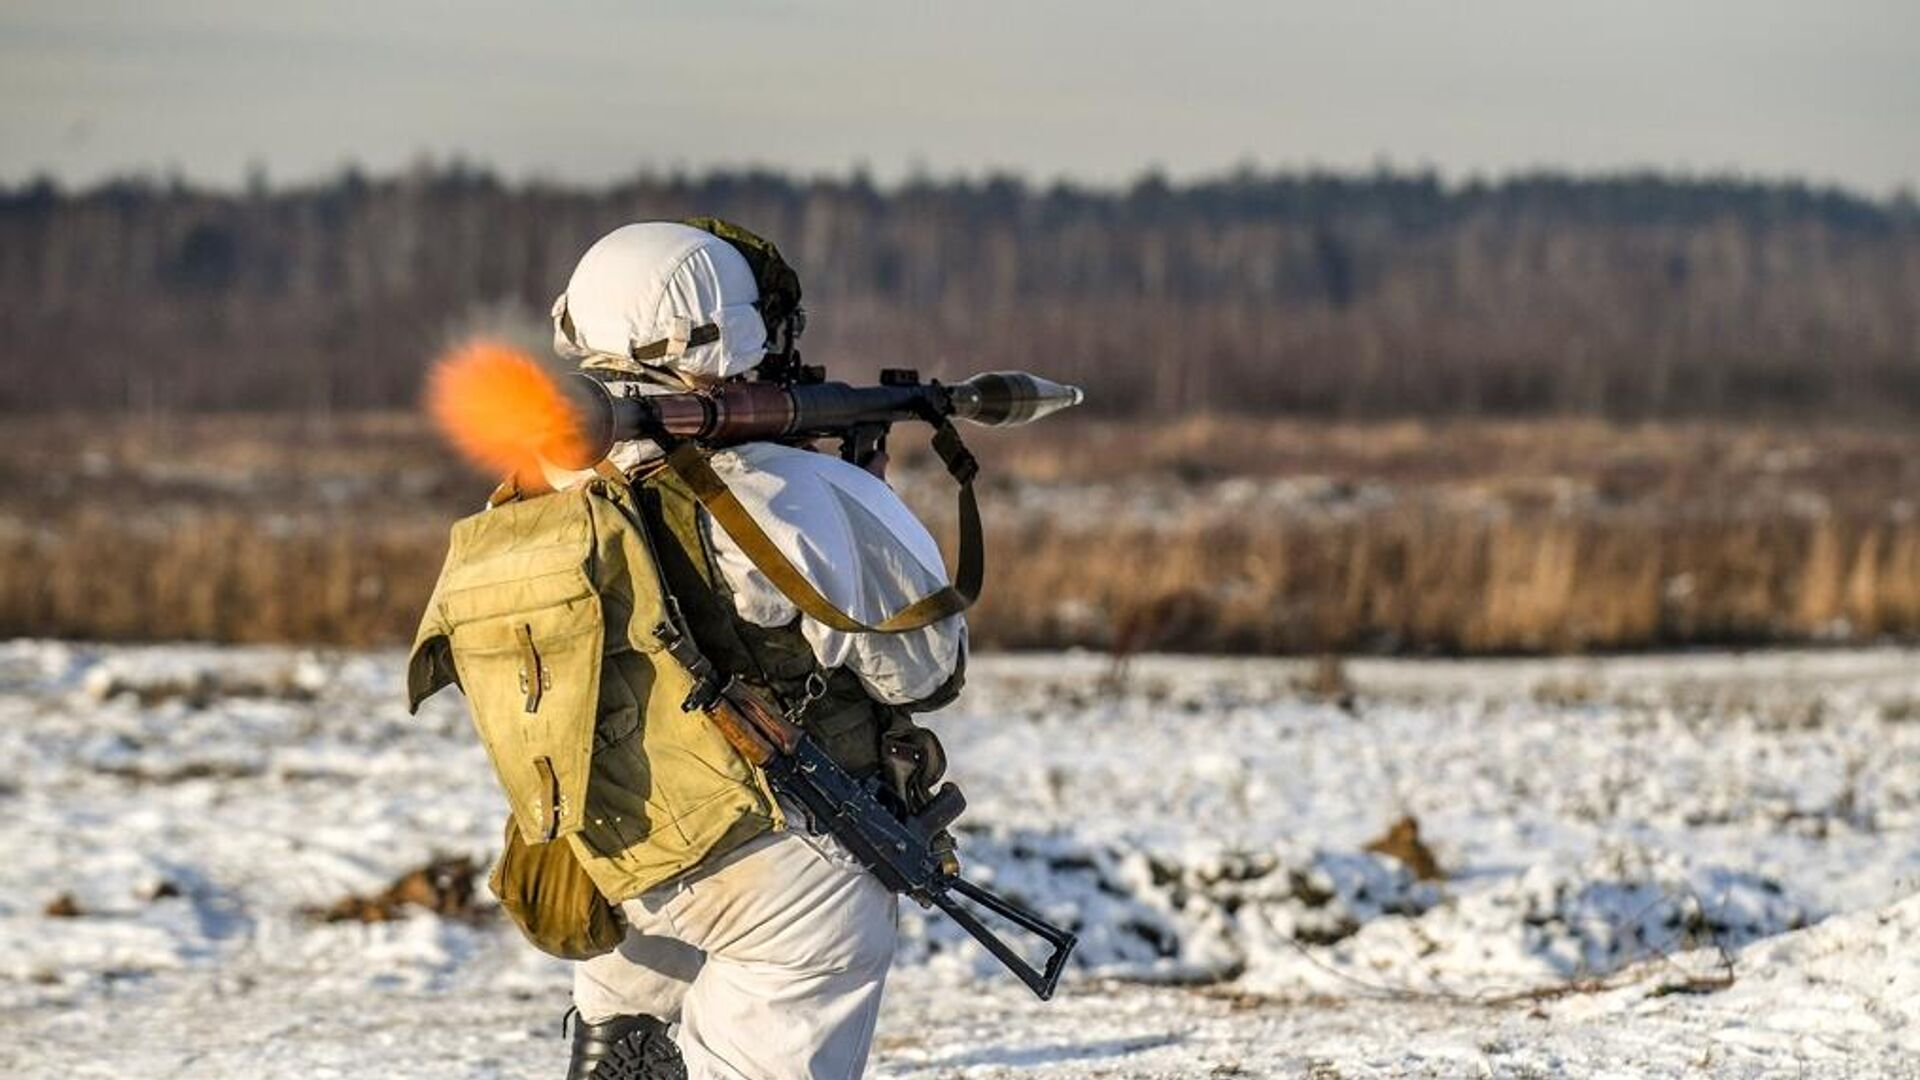 Военнослужащий подразделения гранатометчиков во время учебных стрельб на полигоне Алабино - РИА Новости, 1920, 10.03.2021